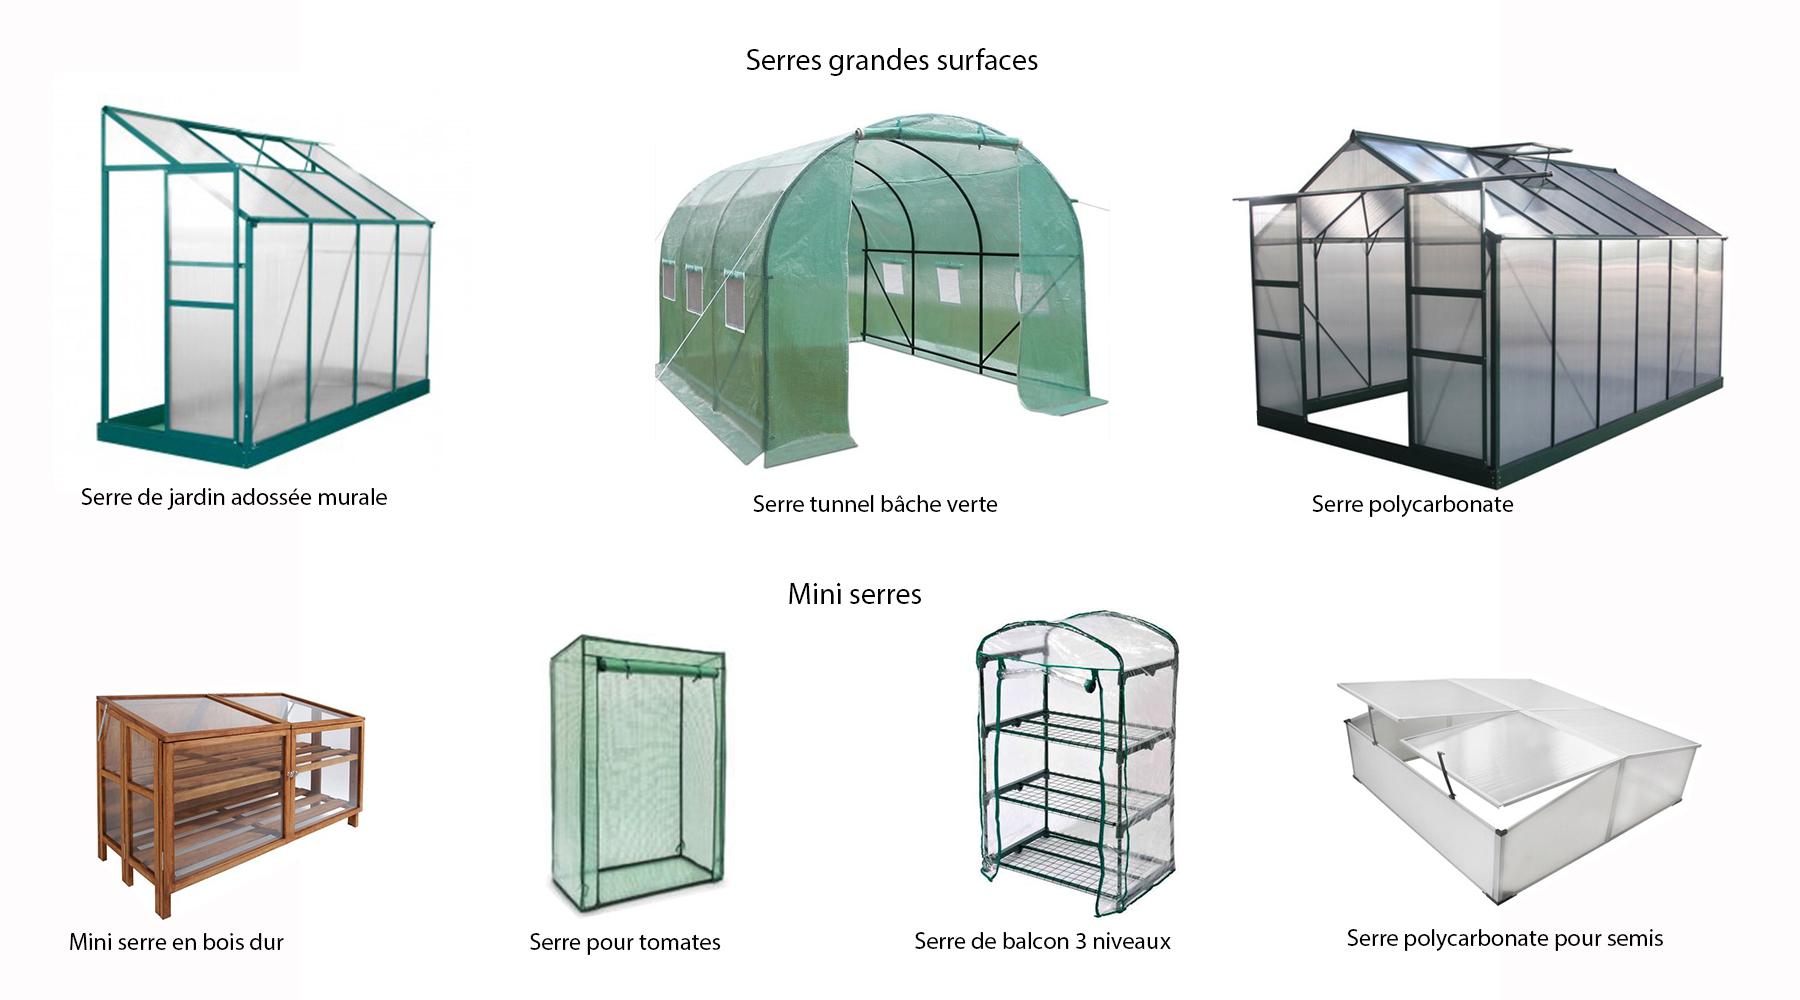 Comment Choisir Sa Serre De Jardin | Guide Complet tout Fabriquer Une Serre De Jardin Pas Cher